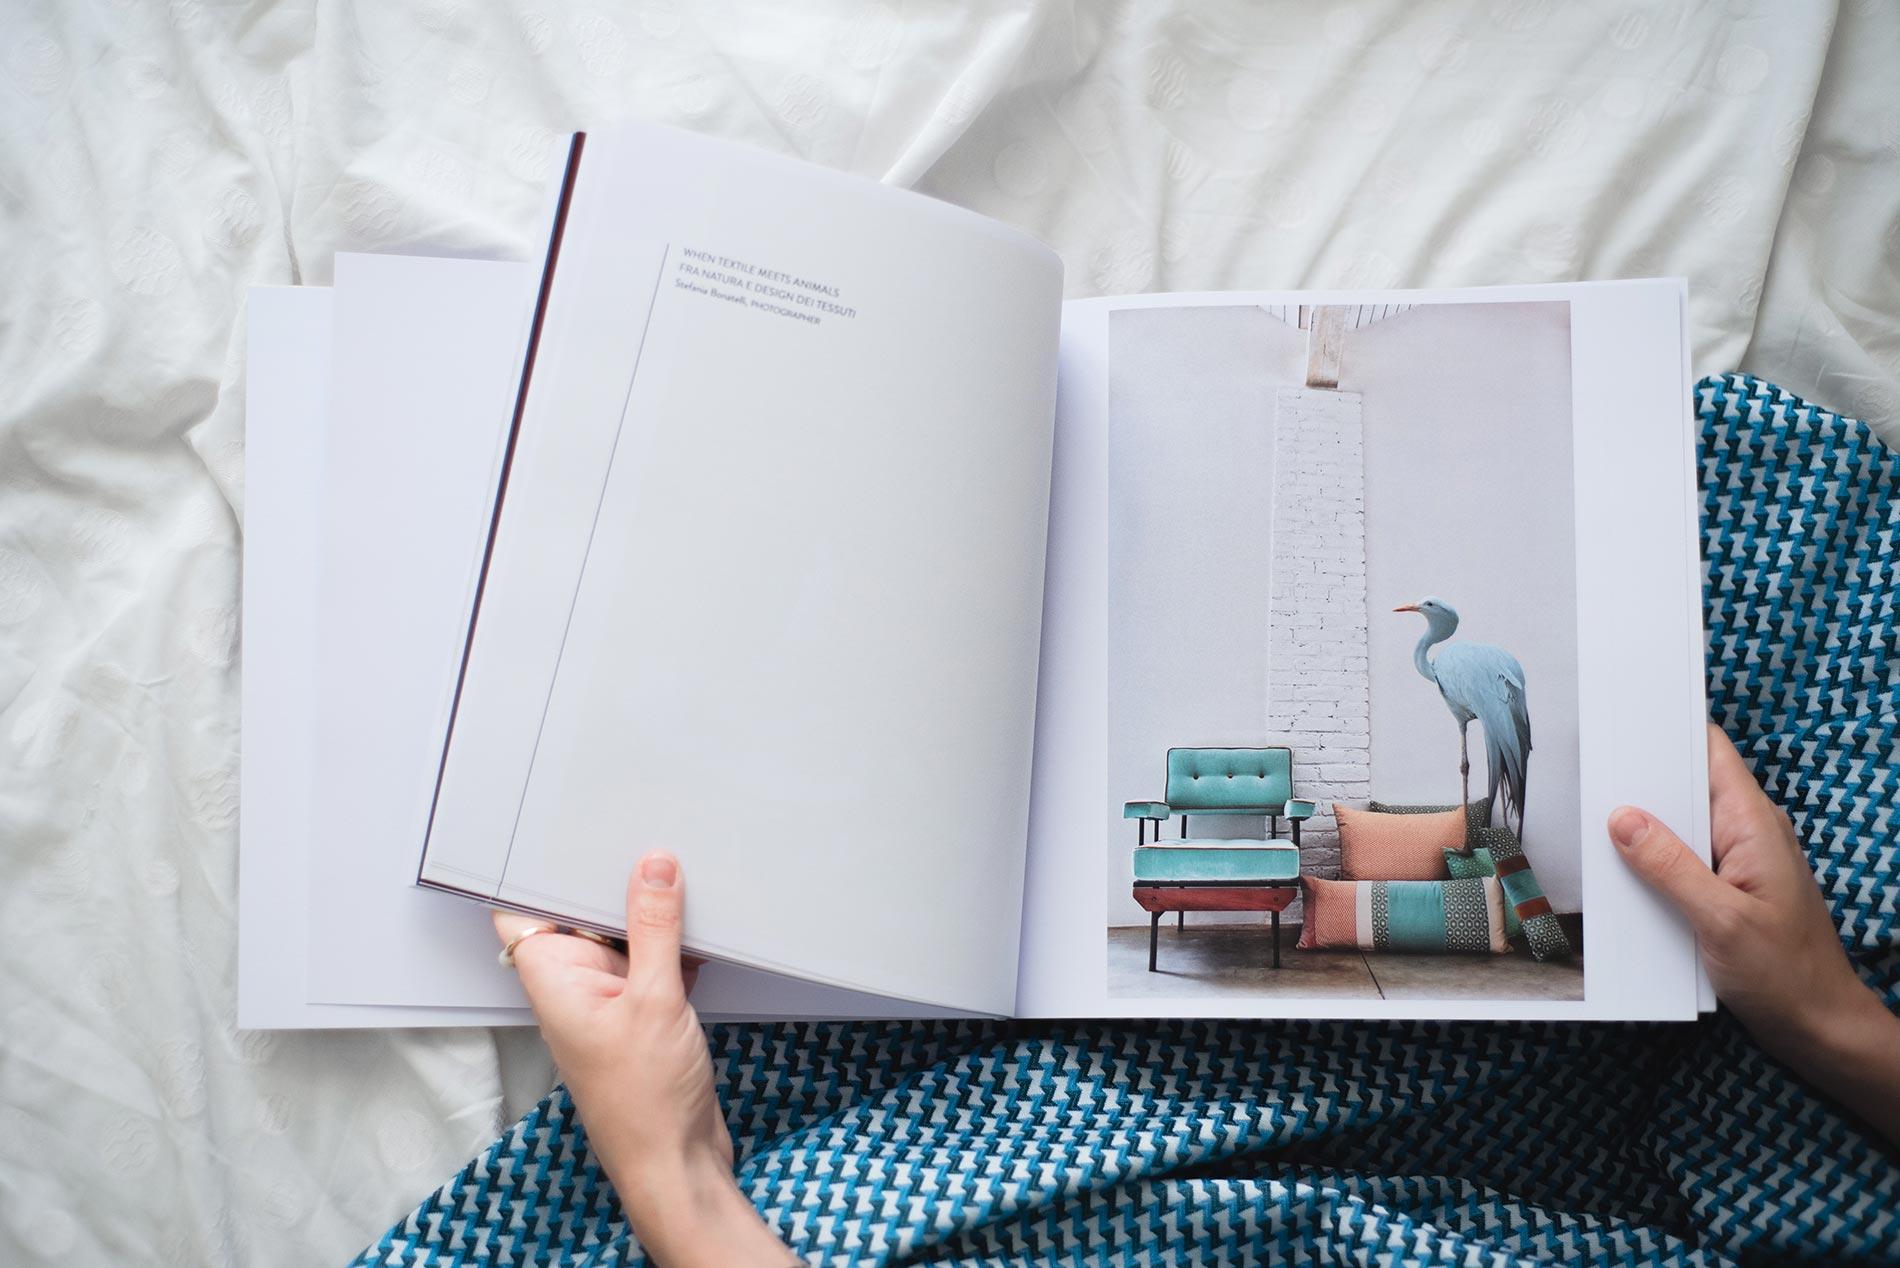 l'opificio libro